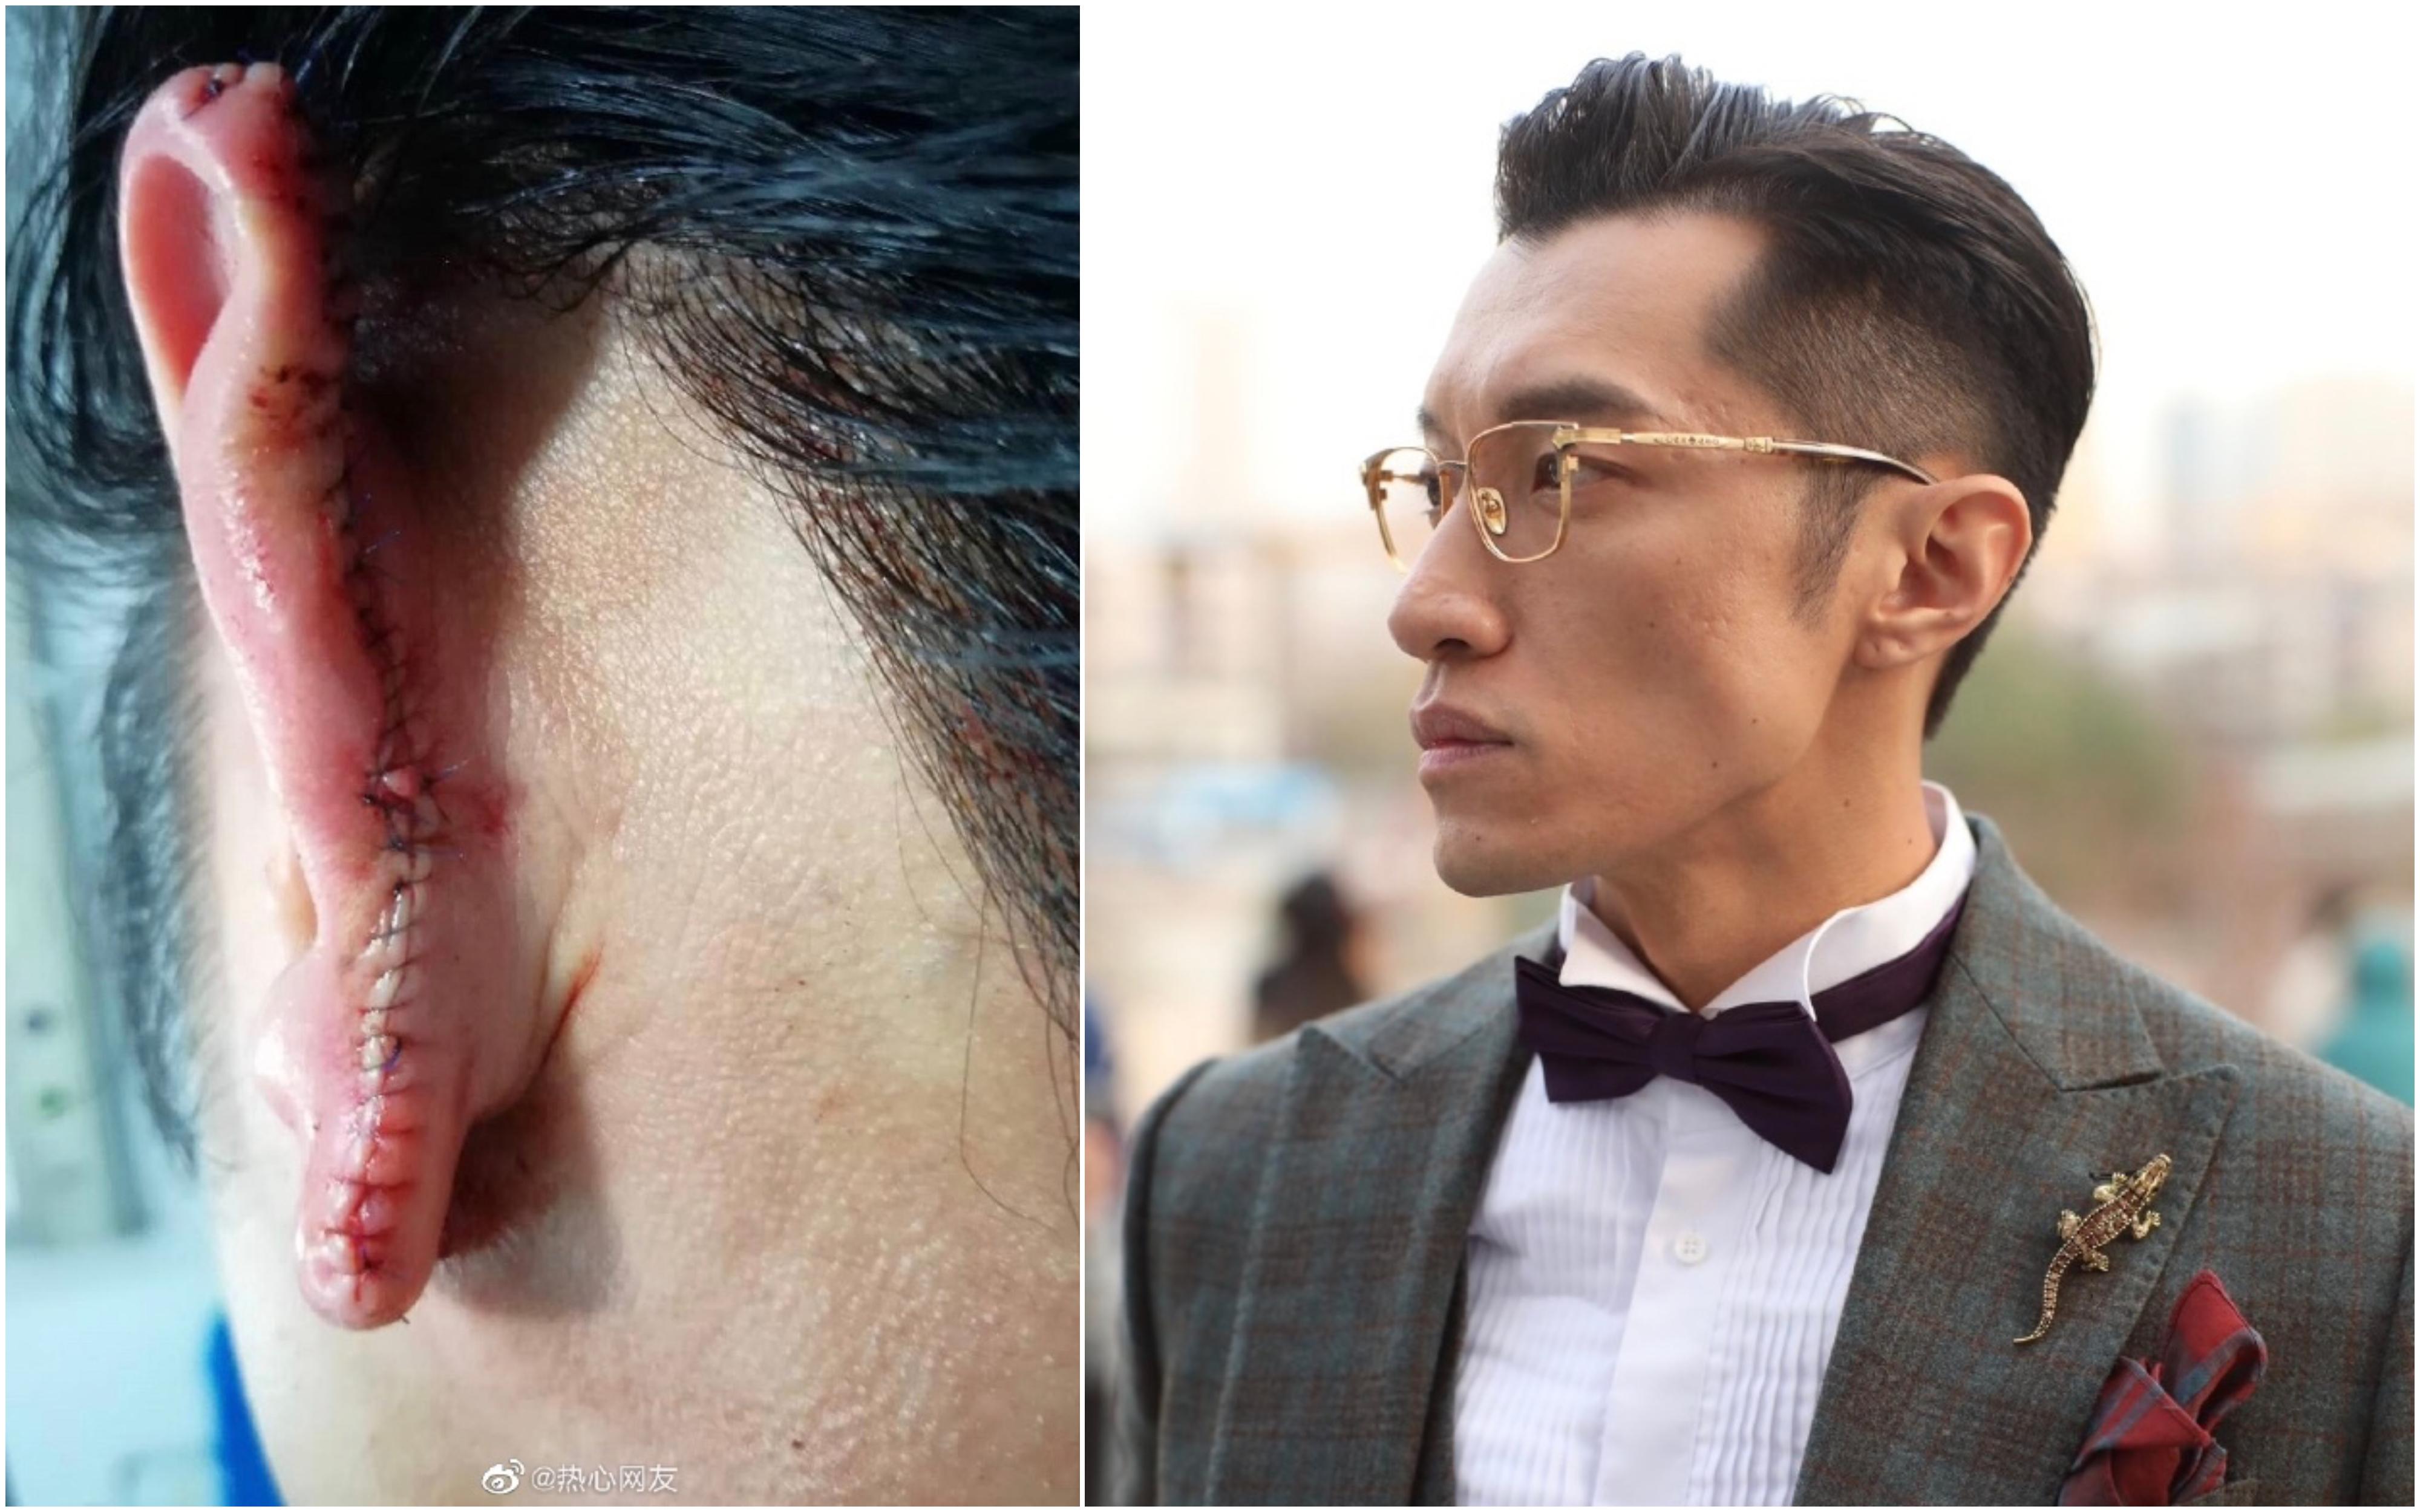 時尚界大V李先生在微博爆料,自己因在上海阻止一起性侵案,被嫌疑人咬掉三分之一的耳朵。(微博圖片)